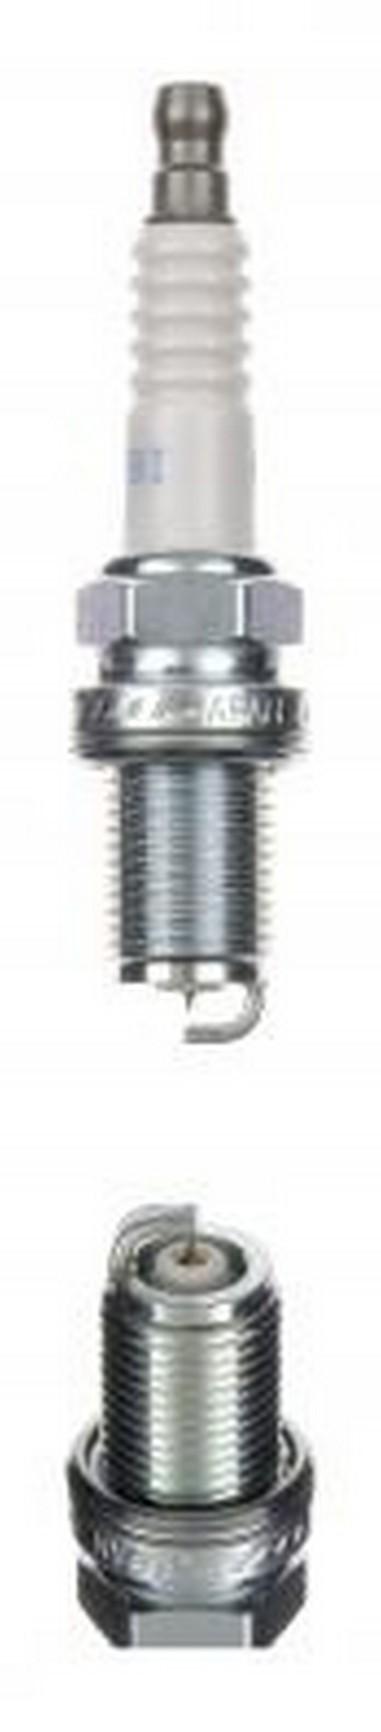 Zapalovací svíčka FR-9BI-11